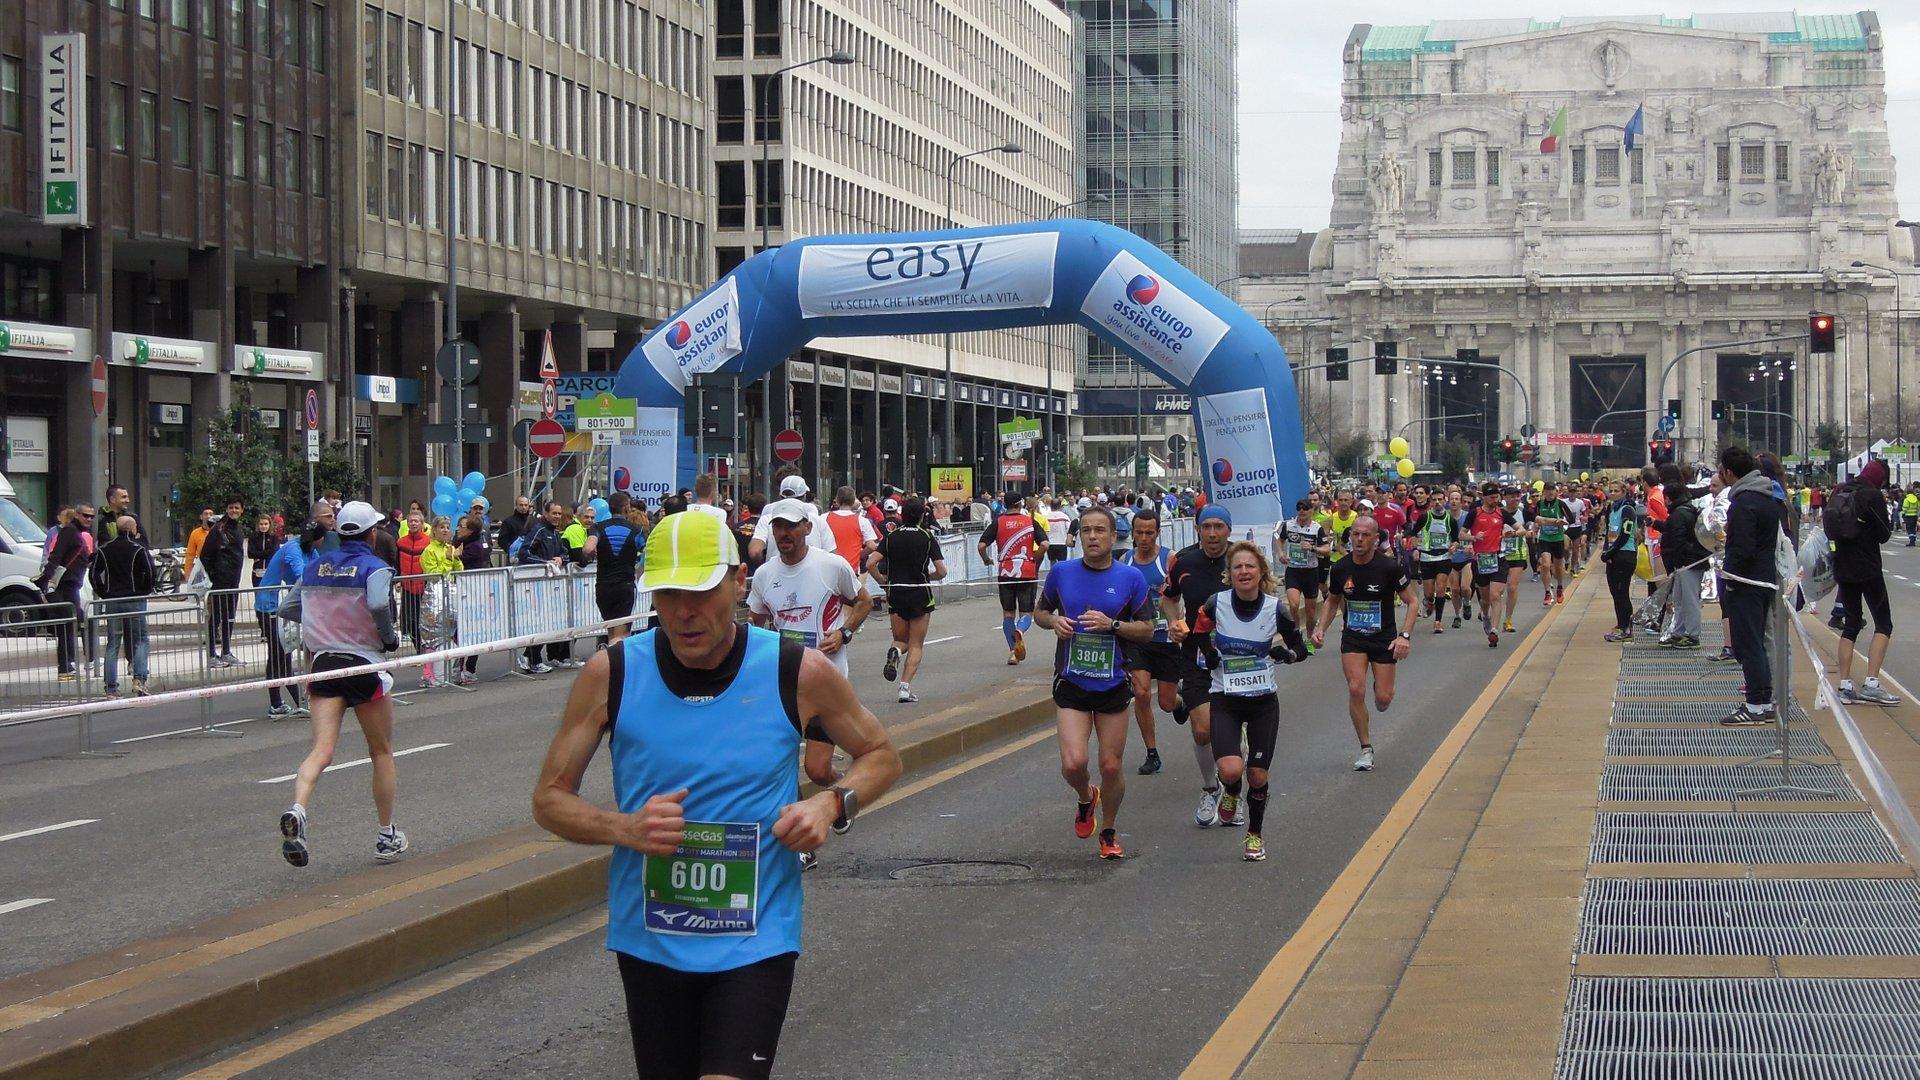 Milano Marathon in Milan 2020 - Best Time